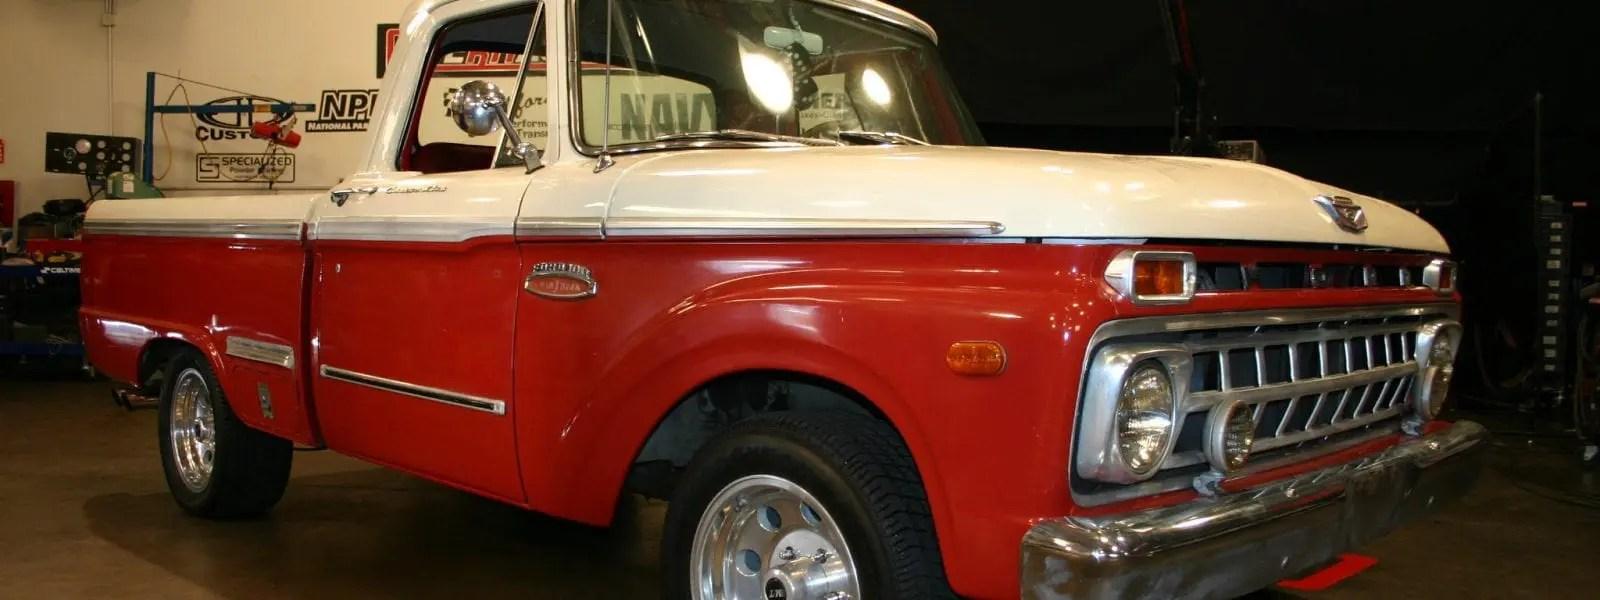 1973 1987 Chevy C10 Pickup Truck